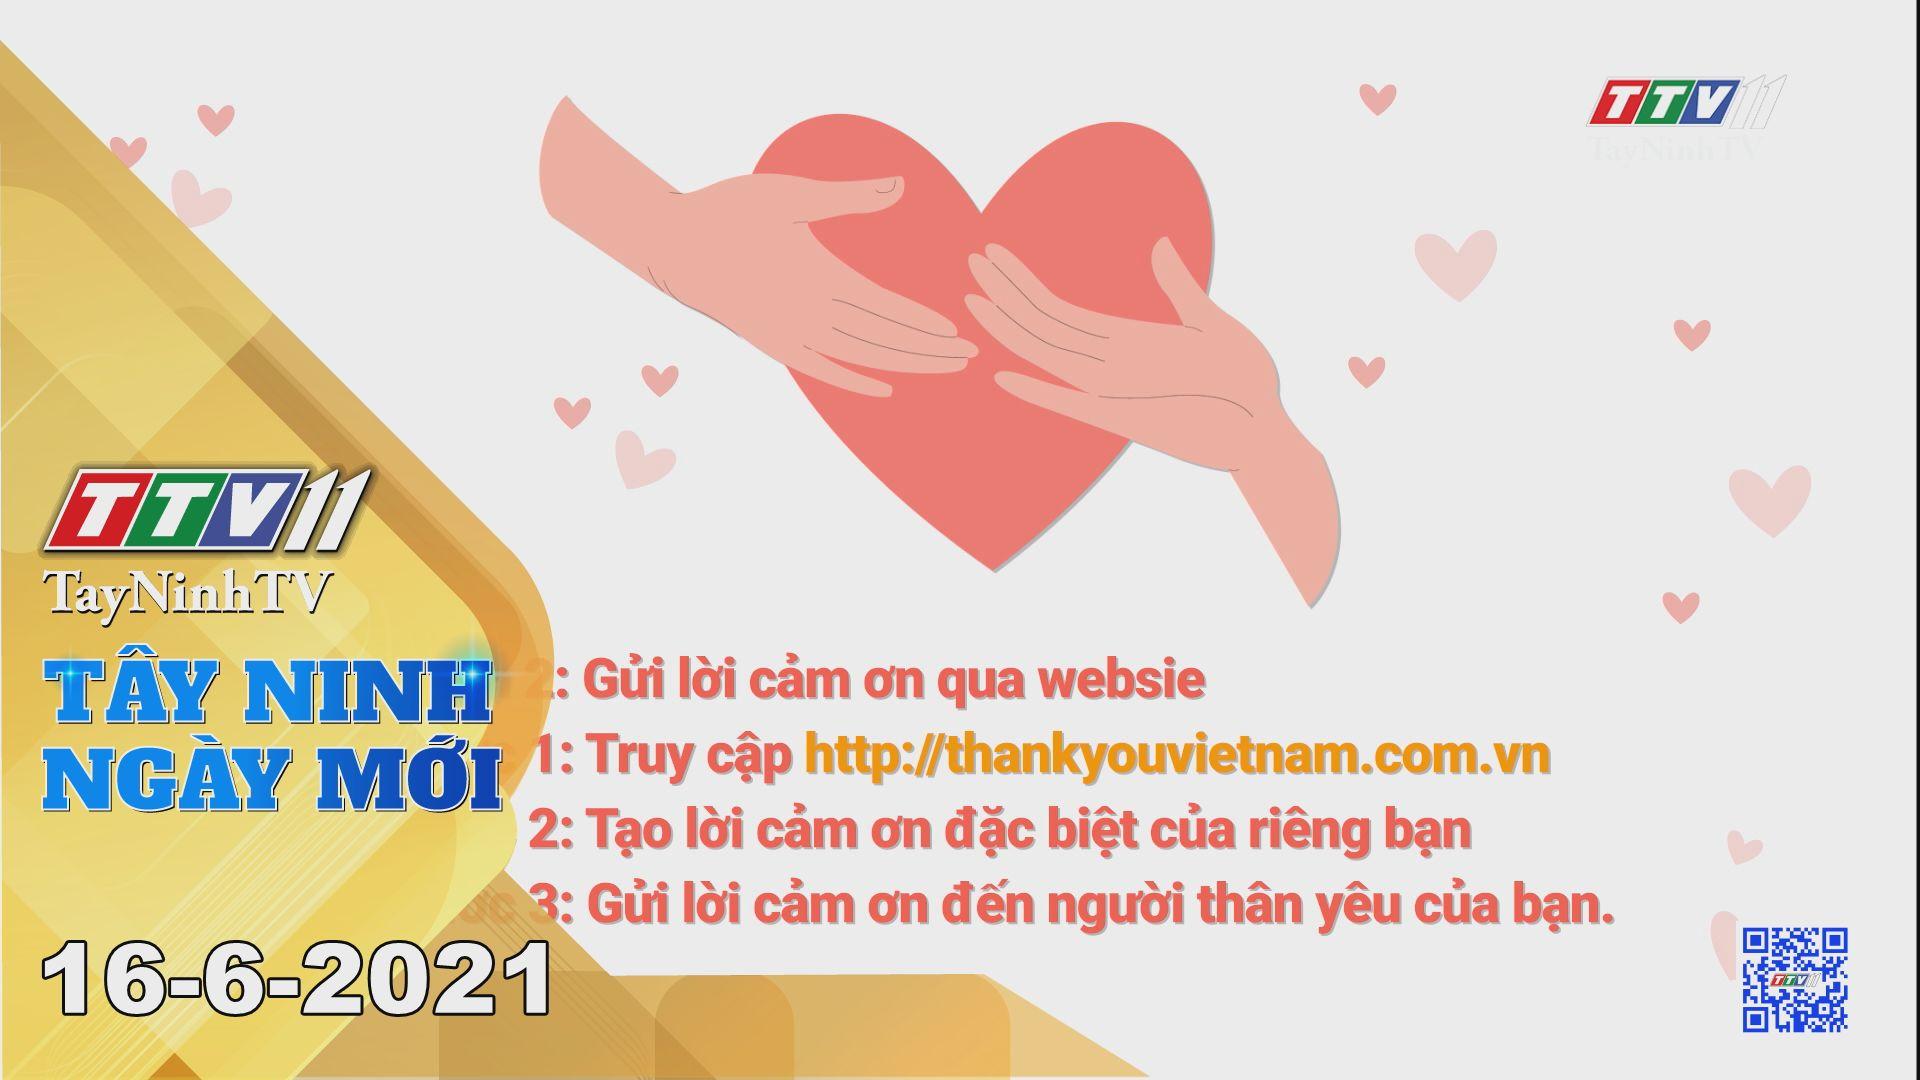 Tây Ninh Ngày Mới 16-6-2021 | Tin tức hôm nay | TayNinhTV